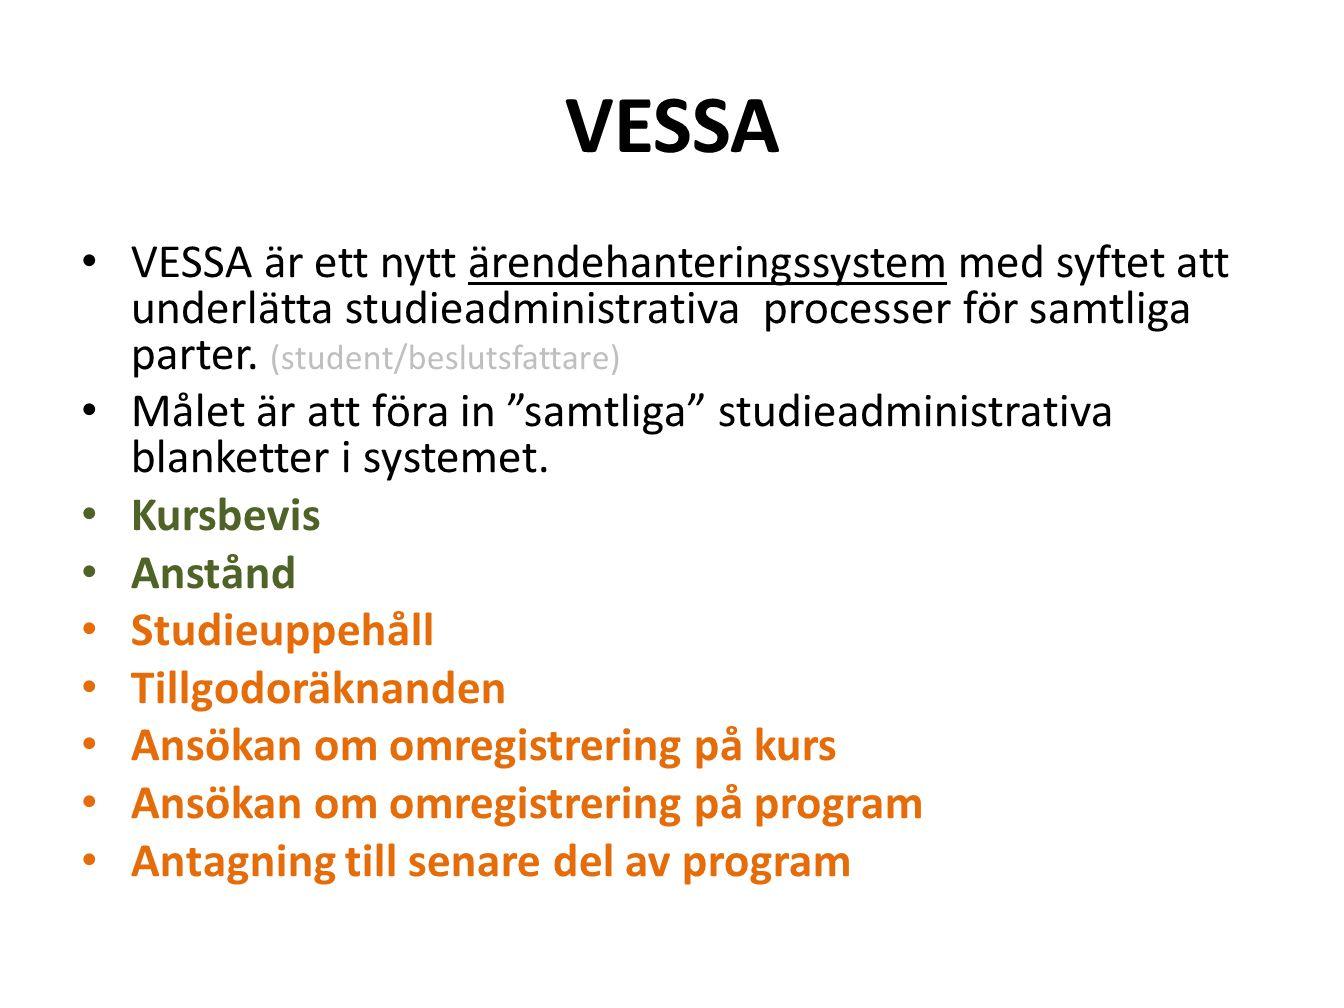 VESSA VESSA är ett nytt ärendehanteringssystem med syftet att underlätta studieadministrativa processer för samtliga parter.